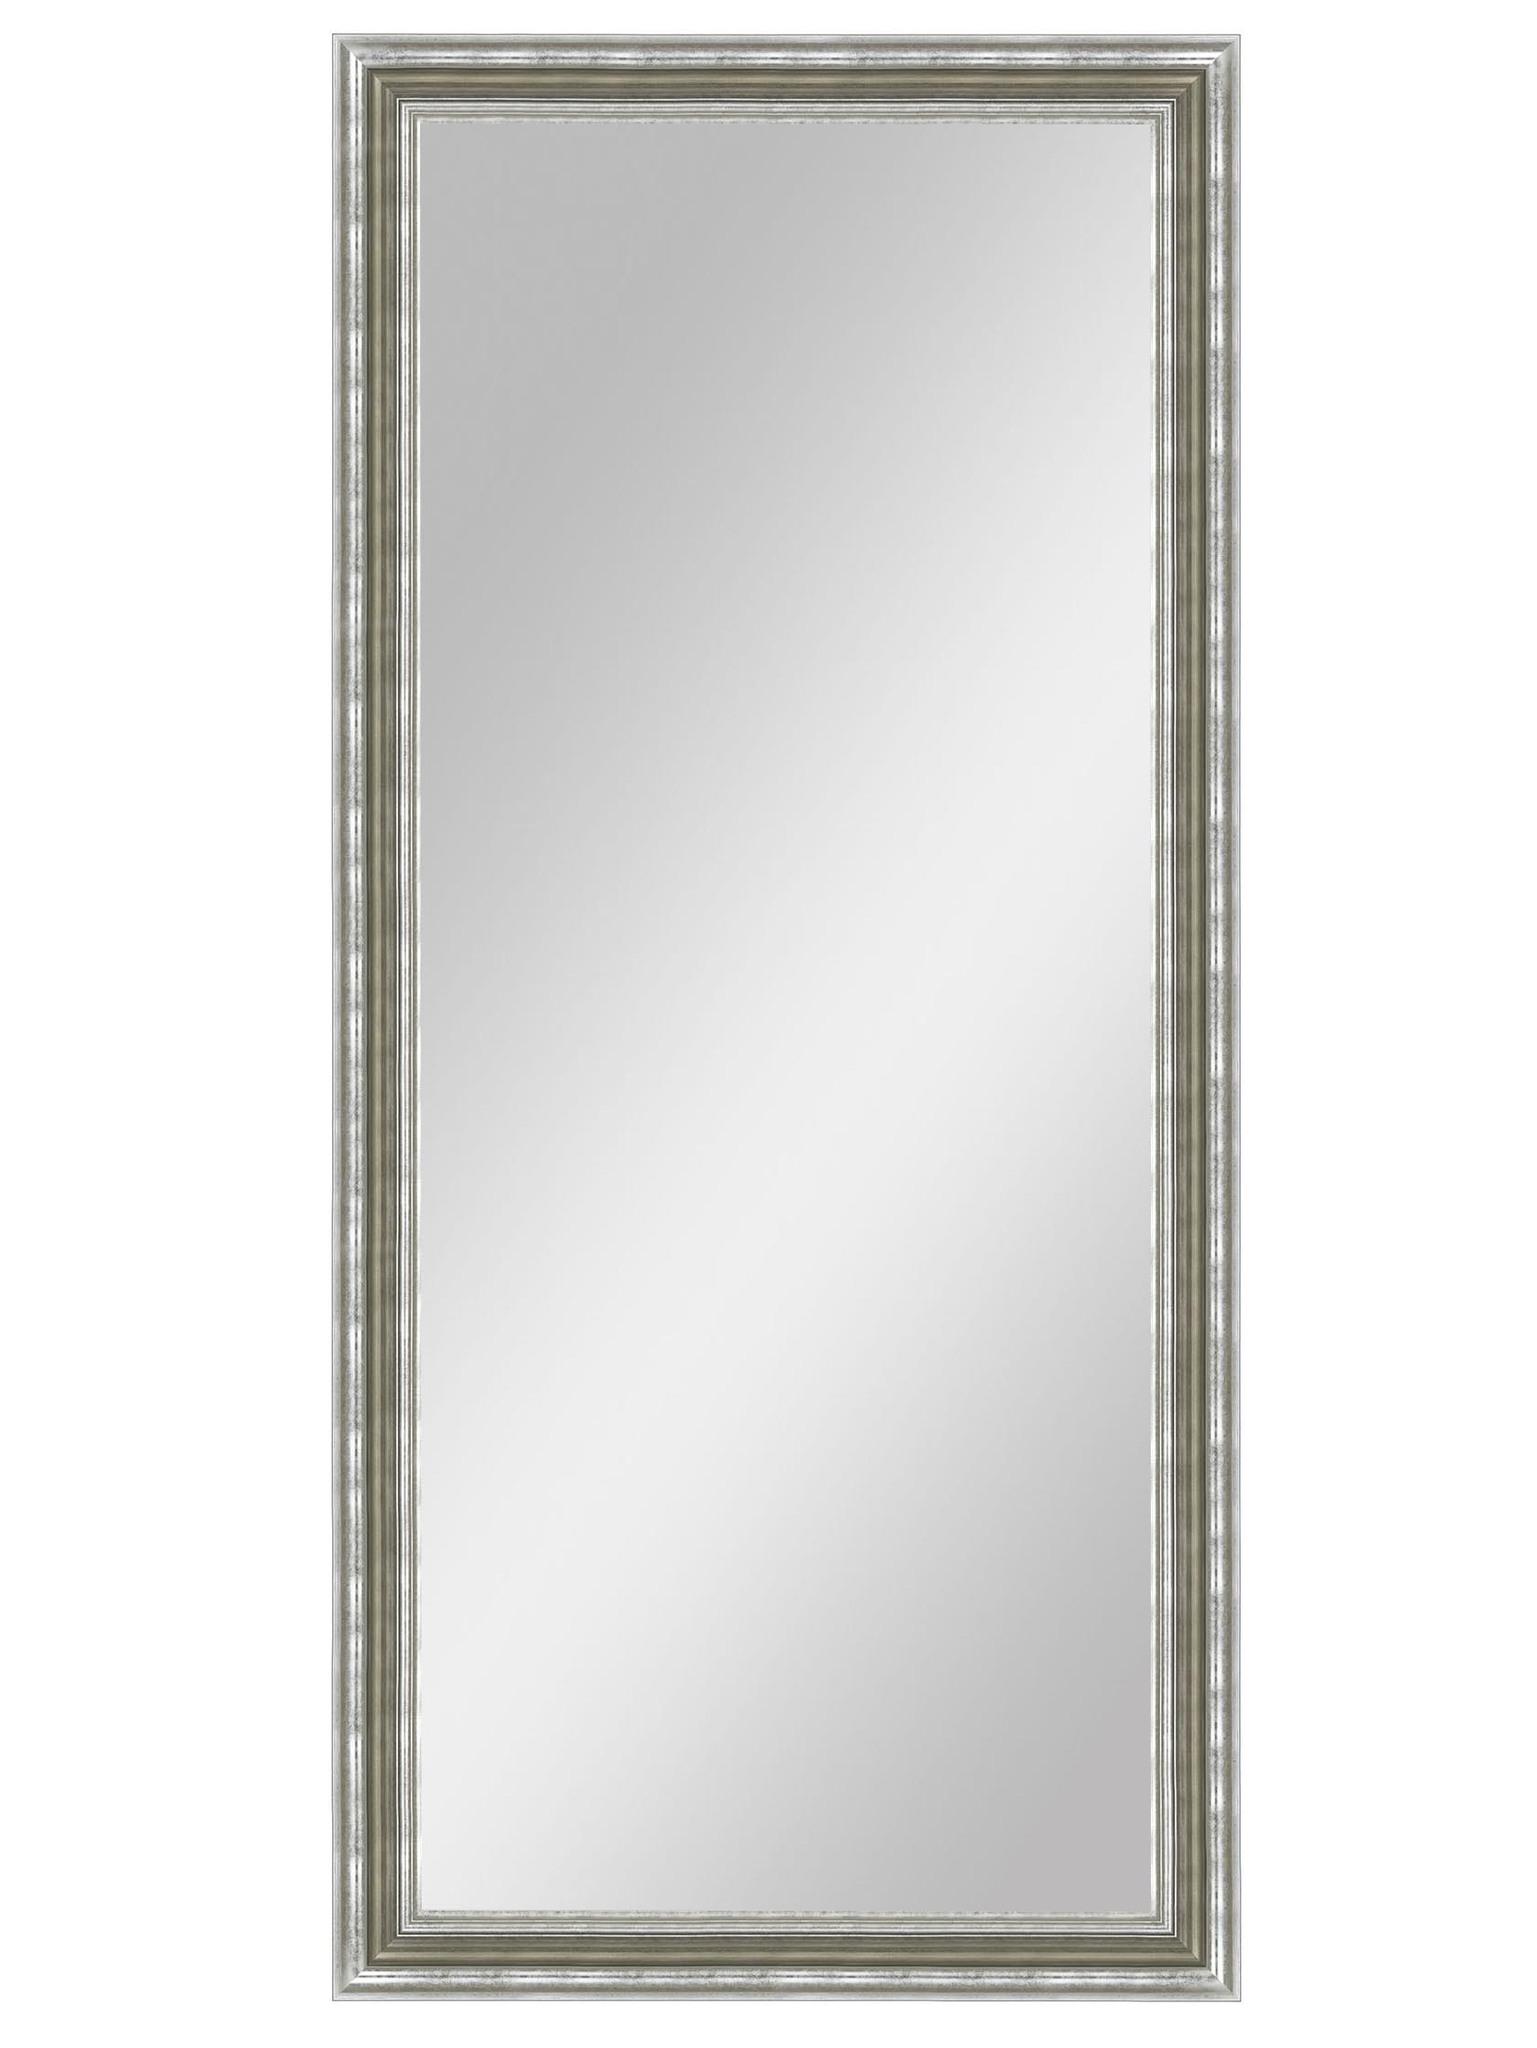 Купить Зеркало напольное Верона в серебряной раме, inmyroom, Россия